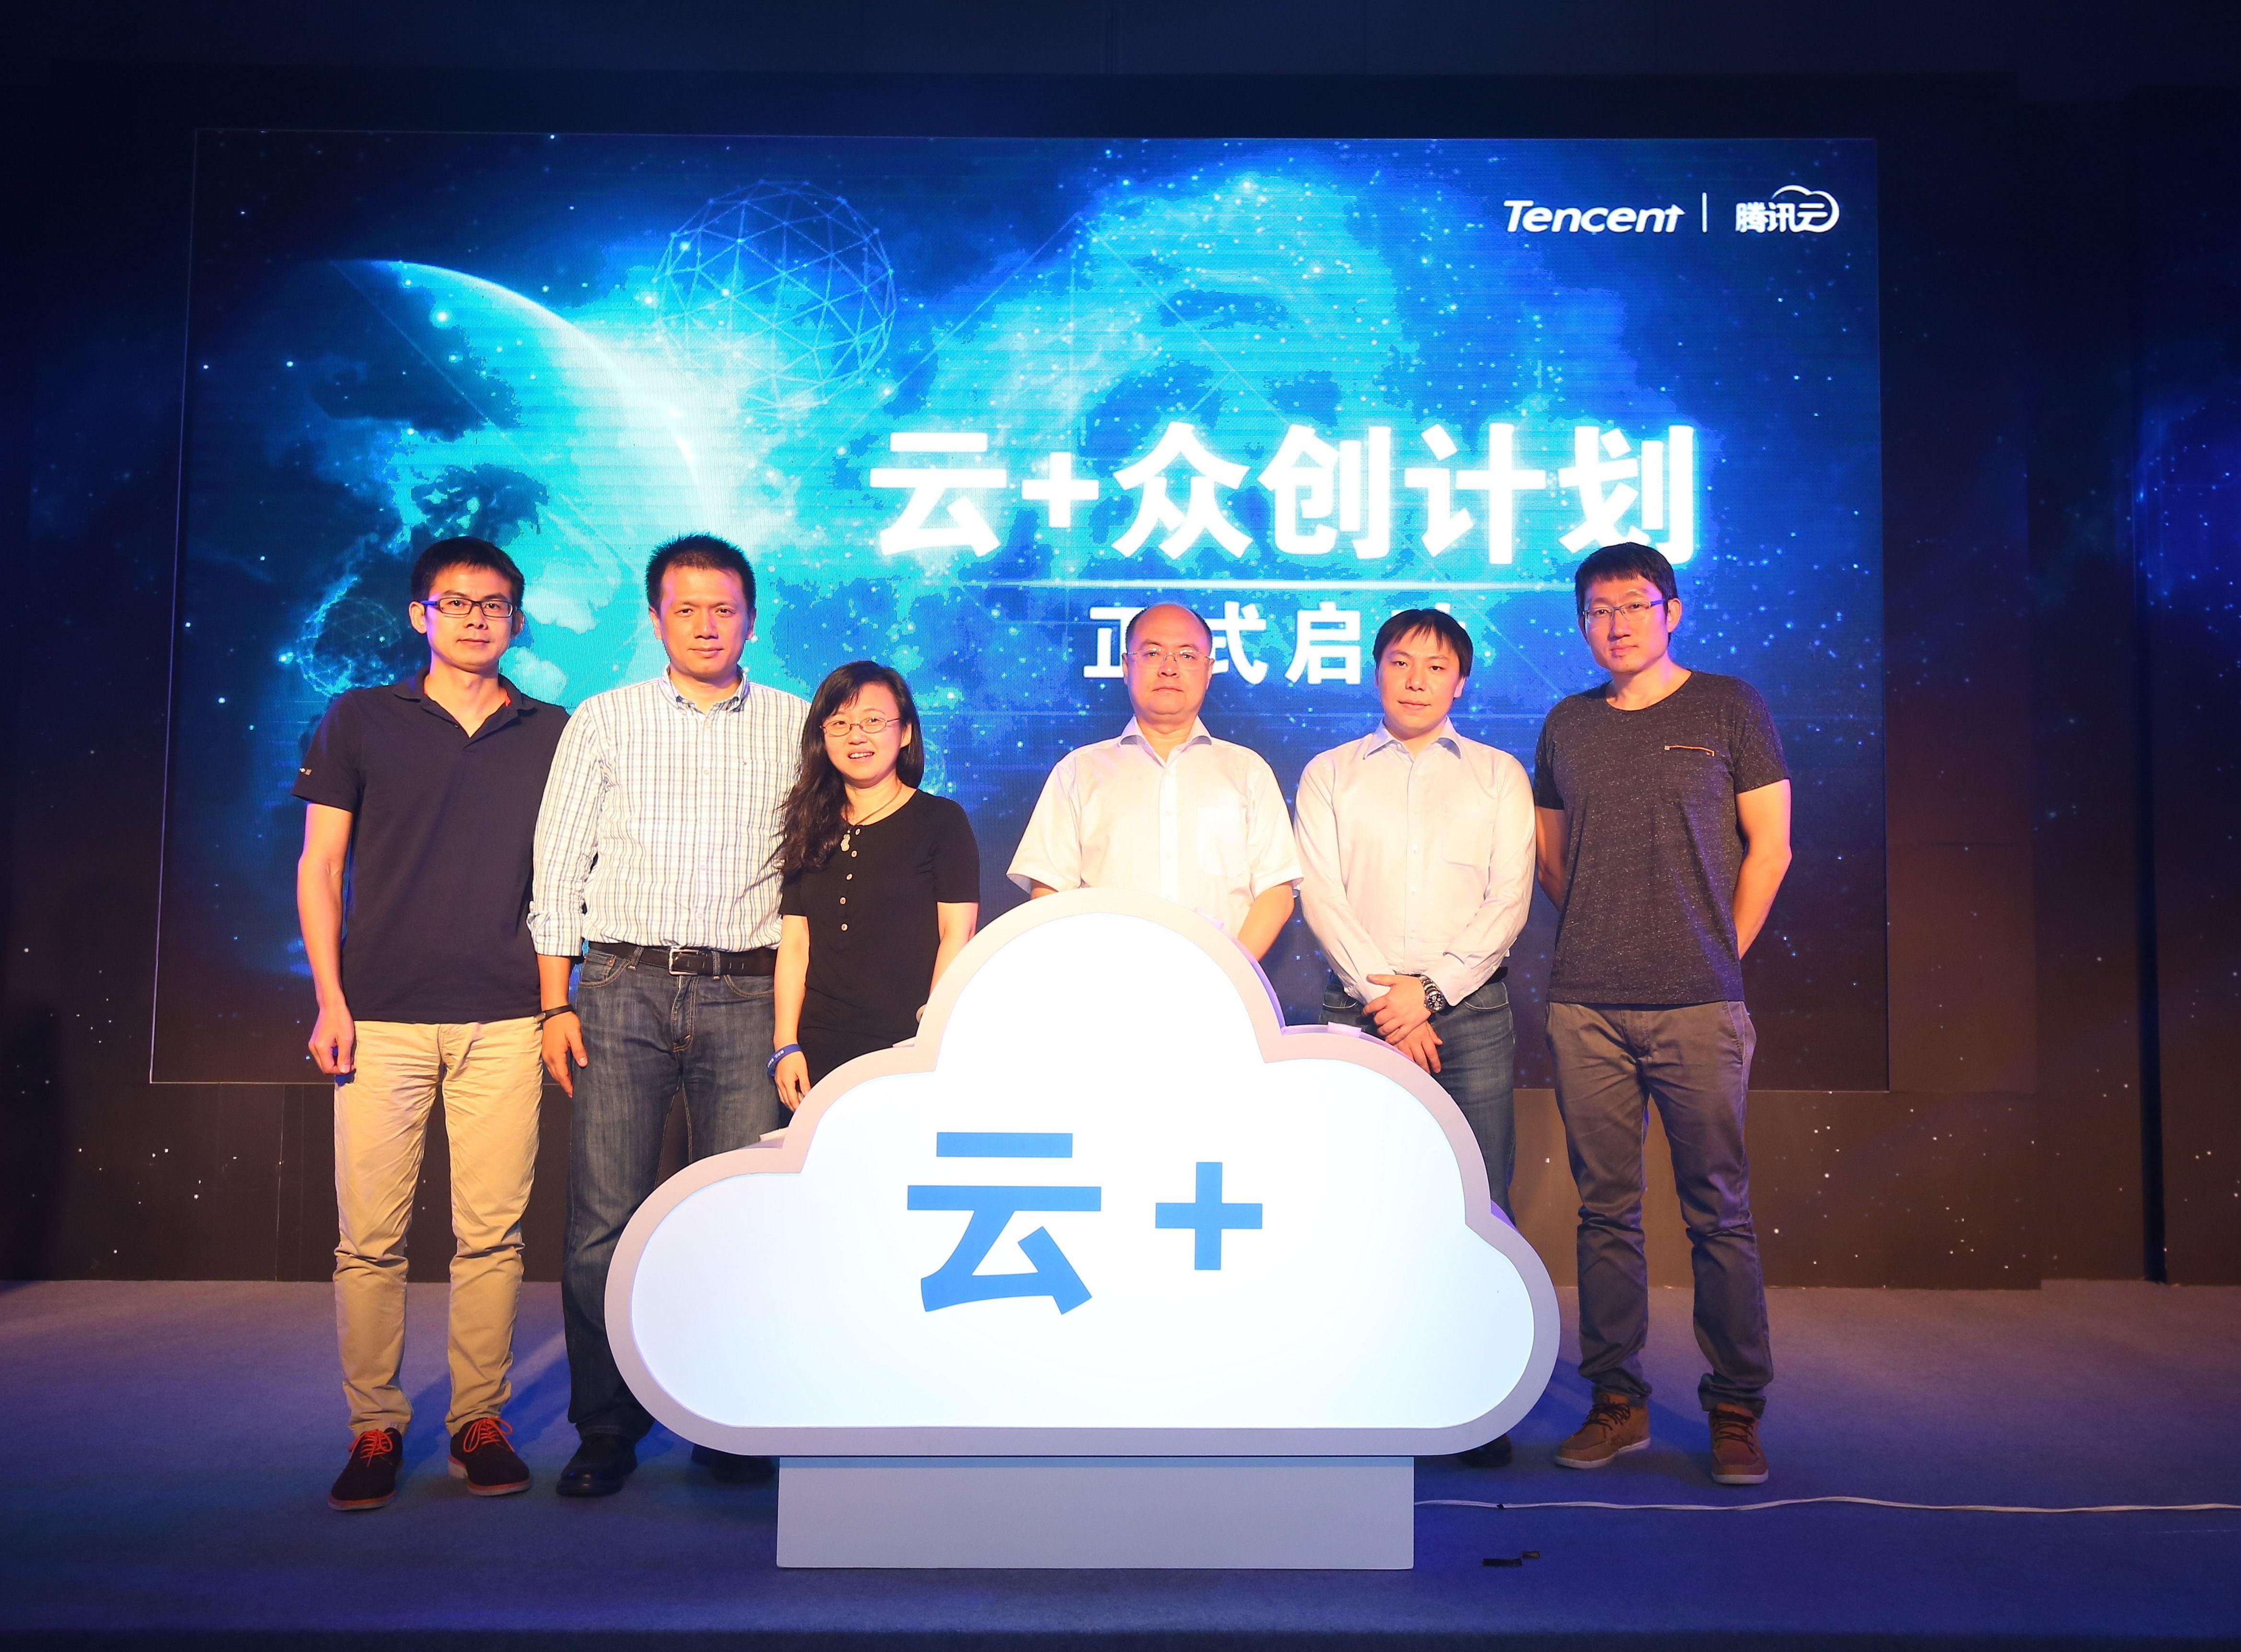 """腾讯云正式推出""""云+计划"""",全面发力创业者和政企市场"""